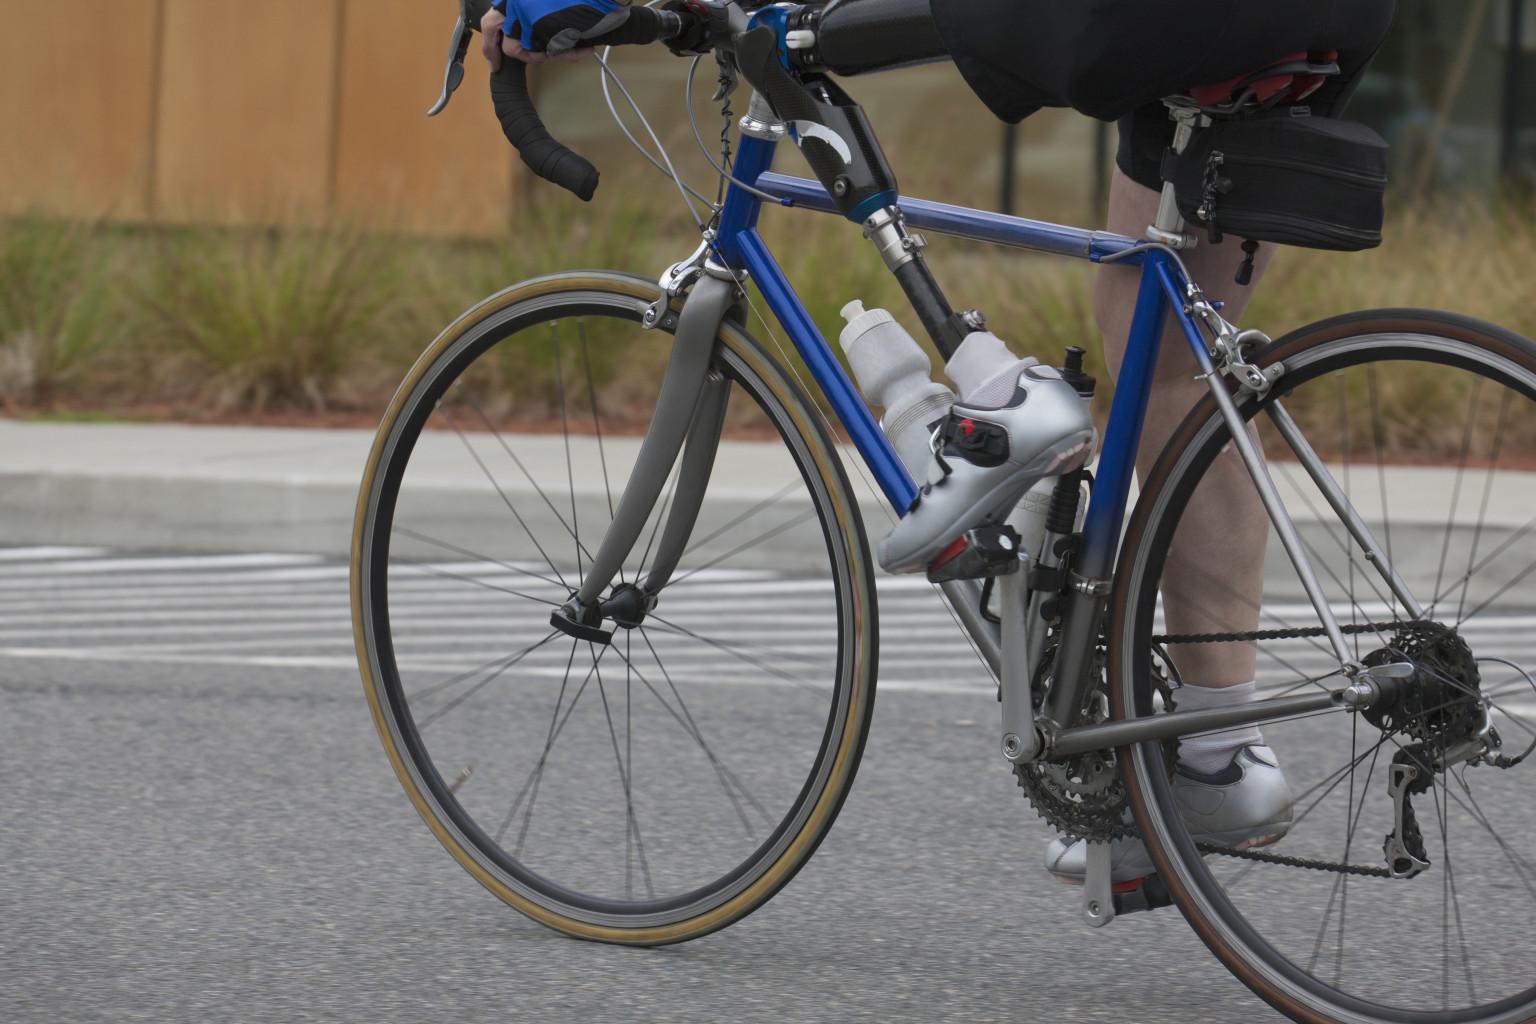 Bikes 4 Vets Wounded Veterans Bikes Stolen